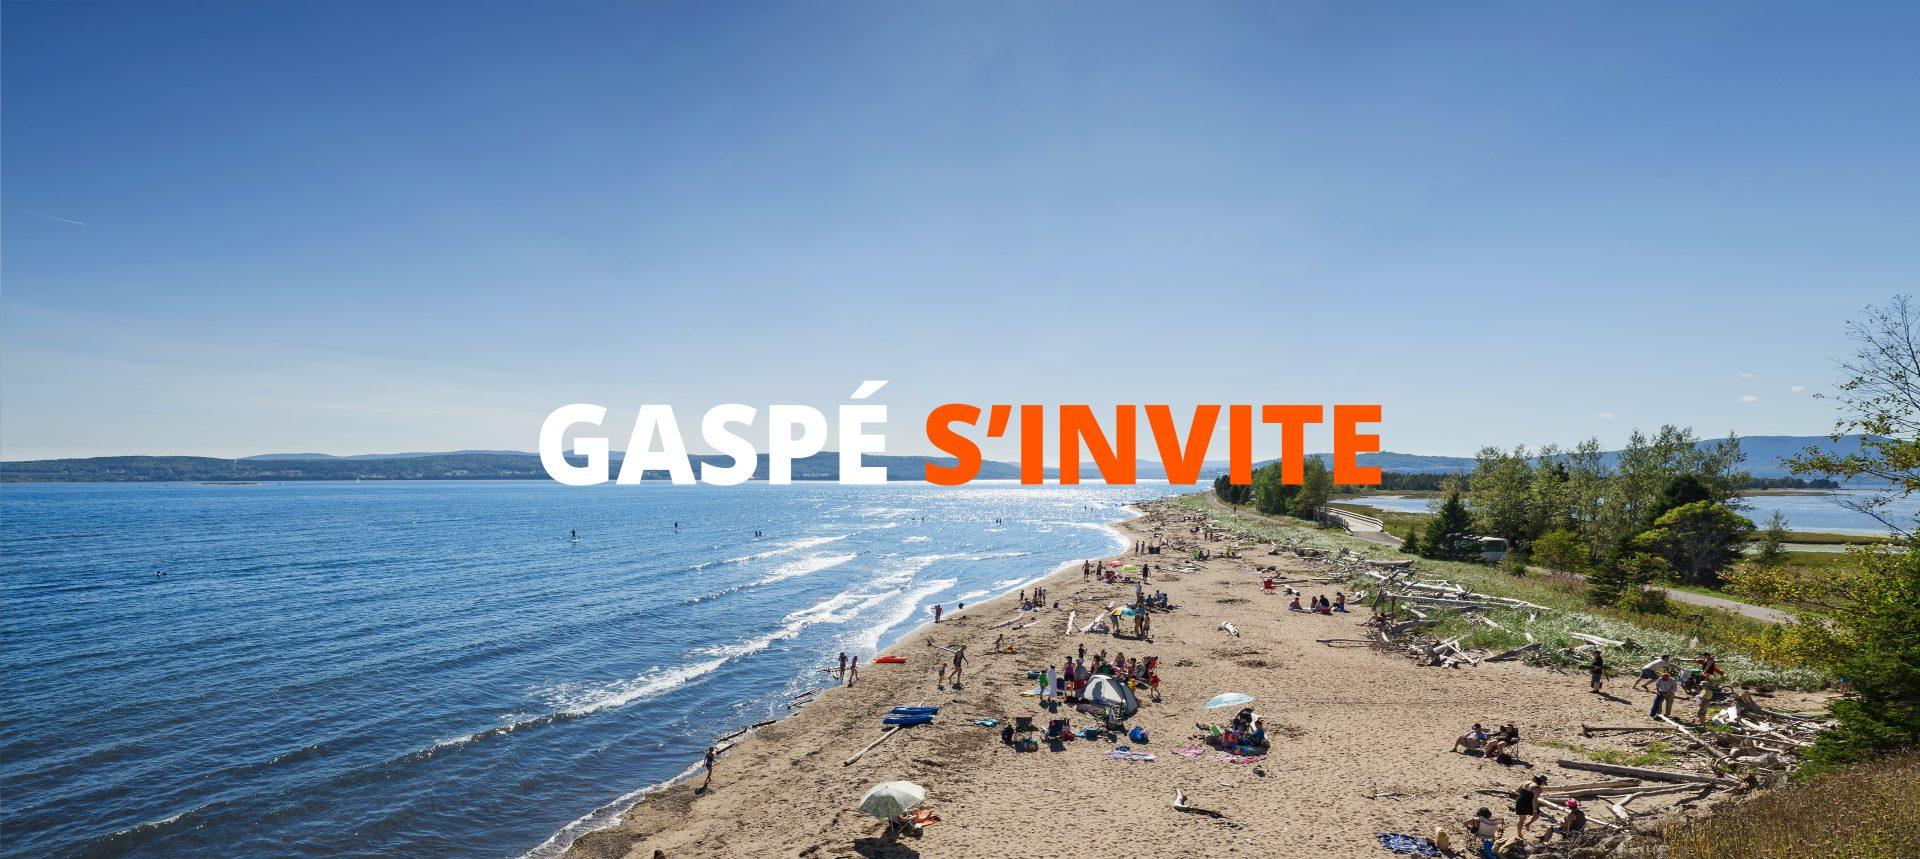 Gaspé s'invite : Ça flotte ou ça coule?